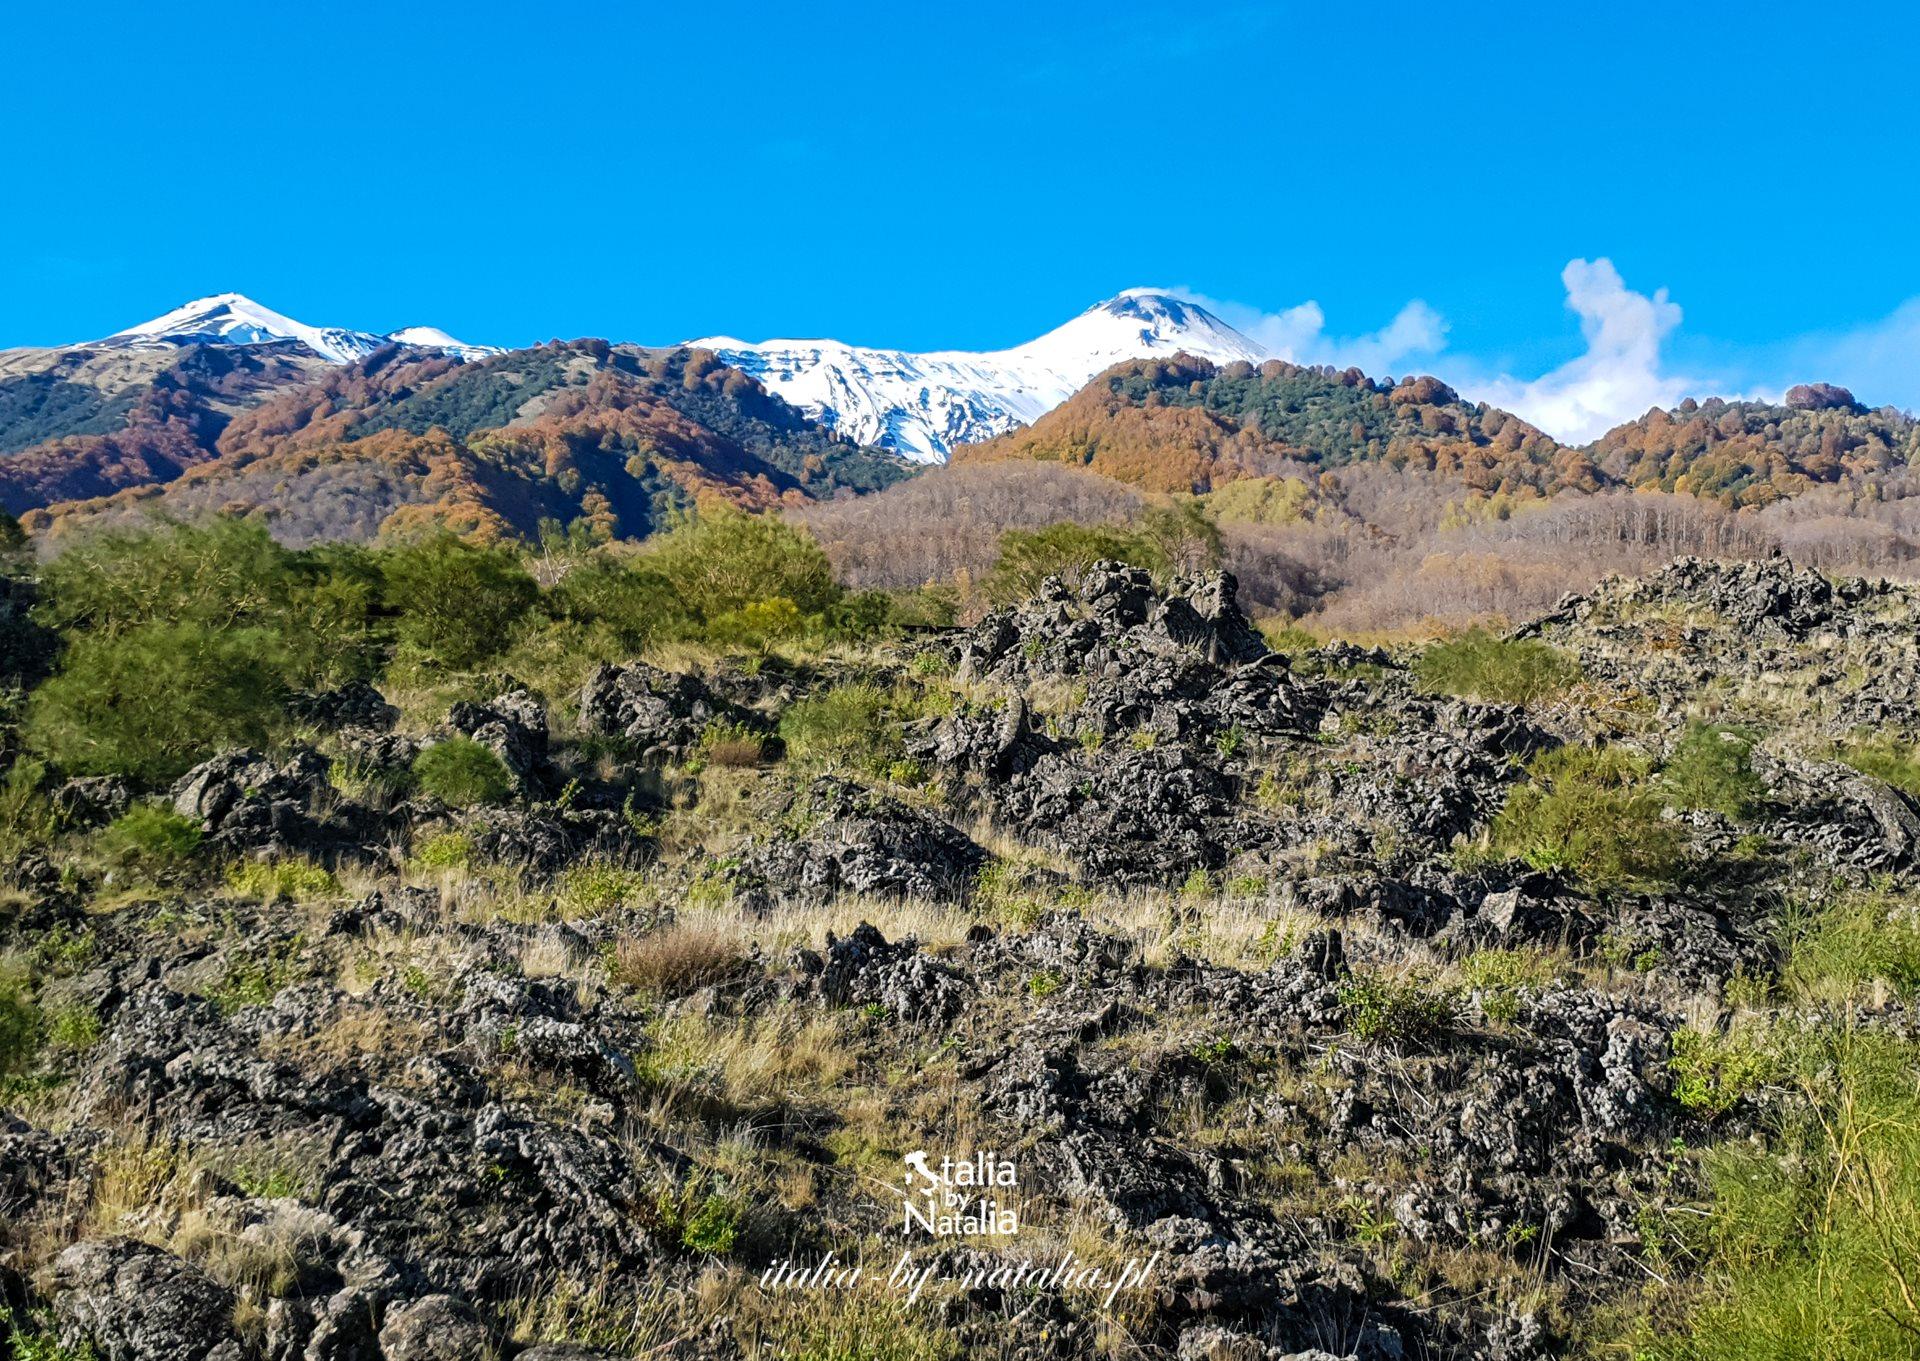 Etna zwiedzanie wulkanu dojazd kolejka linowa trekking z polskim przewodnikiem atrakcje jesień lato zima wiosna